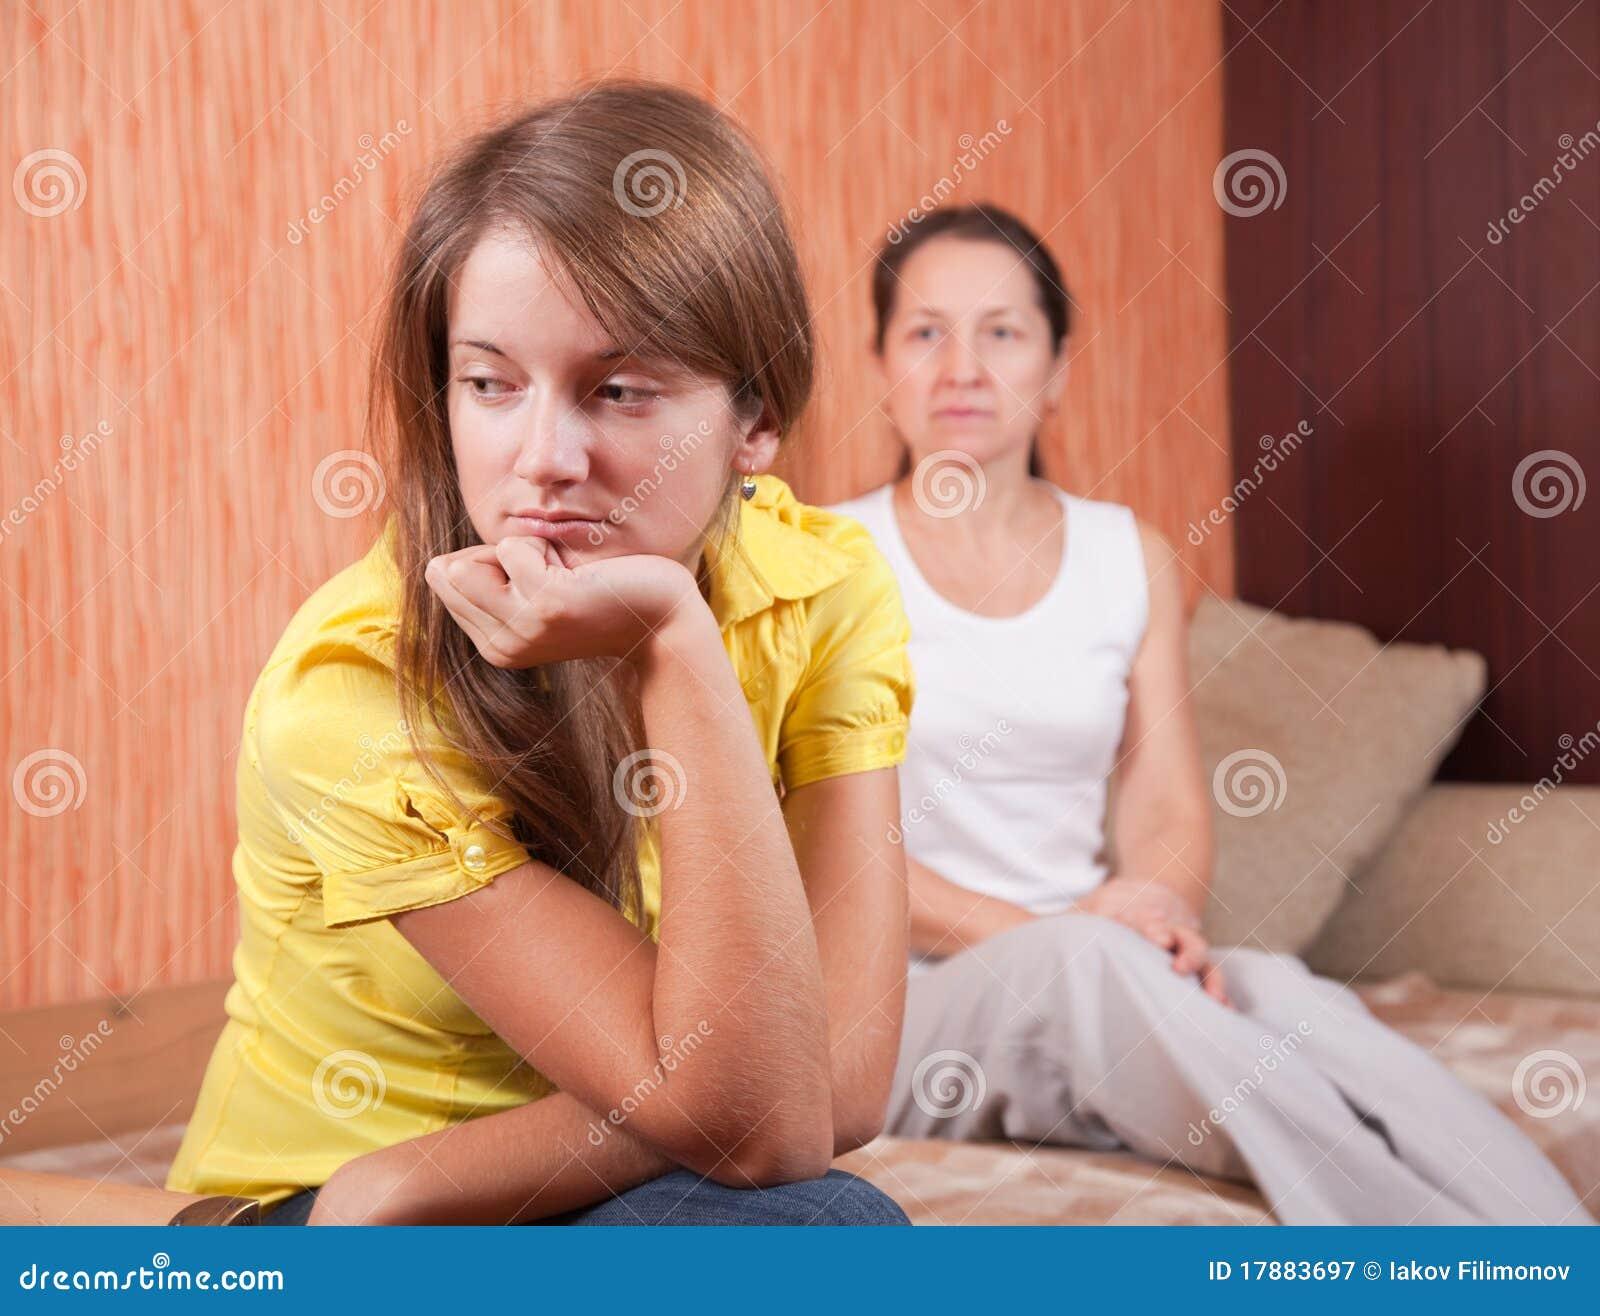 女儿母亲争吵少年